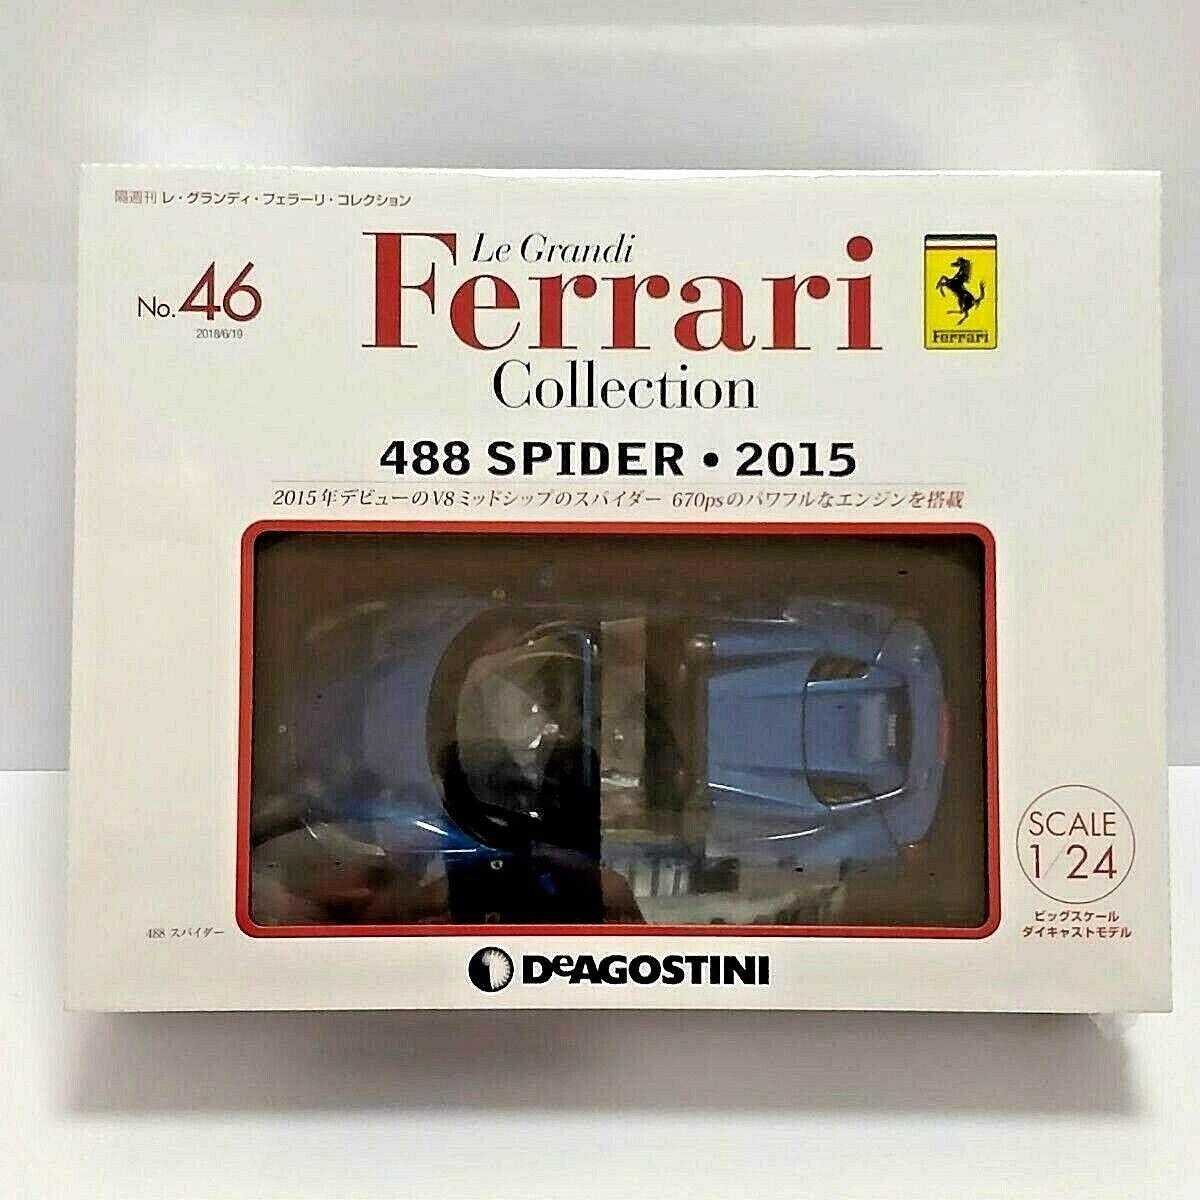 suministro directo de los fabricantes DeAgostini 488 Araña 2015 1 24 Modelo le Grandi Ferrari Ferrari Ferrari COLLECTION No.46 Japón  encuentra tu favorito aquí